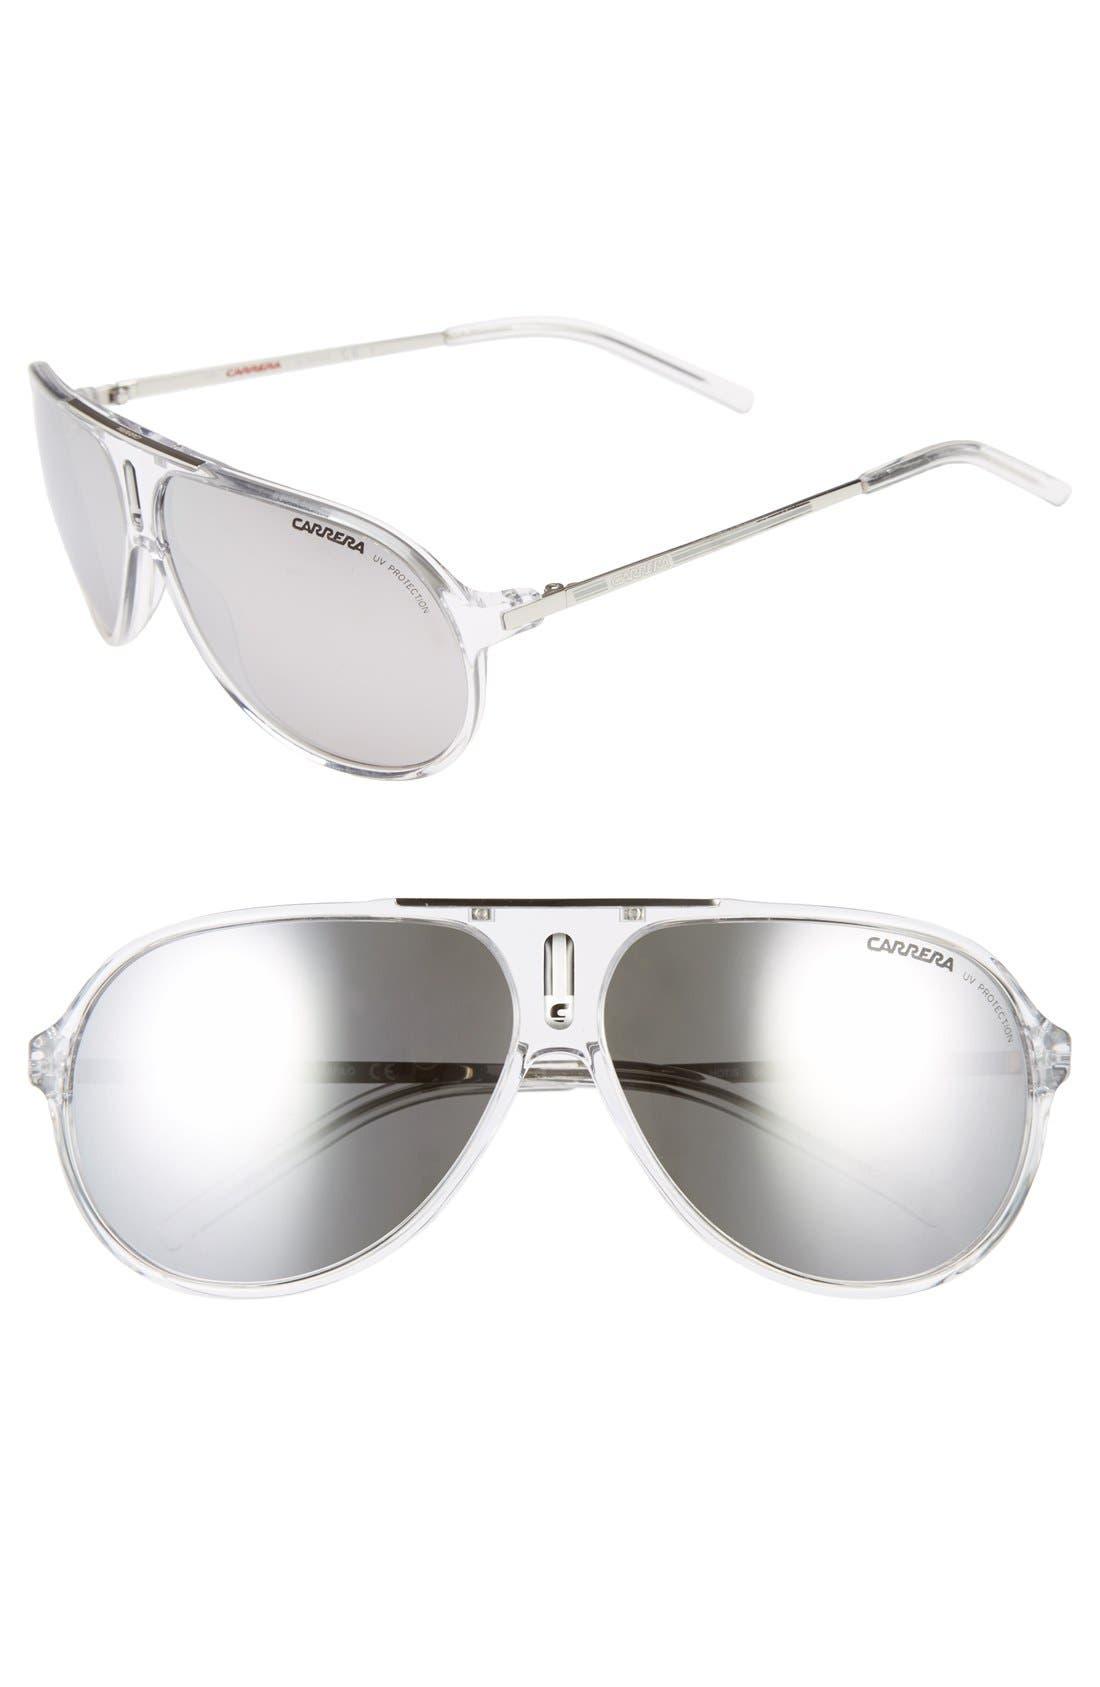 Alternate Image 1 Selected - Carrera Eyewear 'Hots' 64mm Aviator Sunglasses